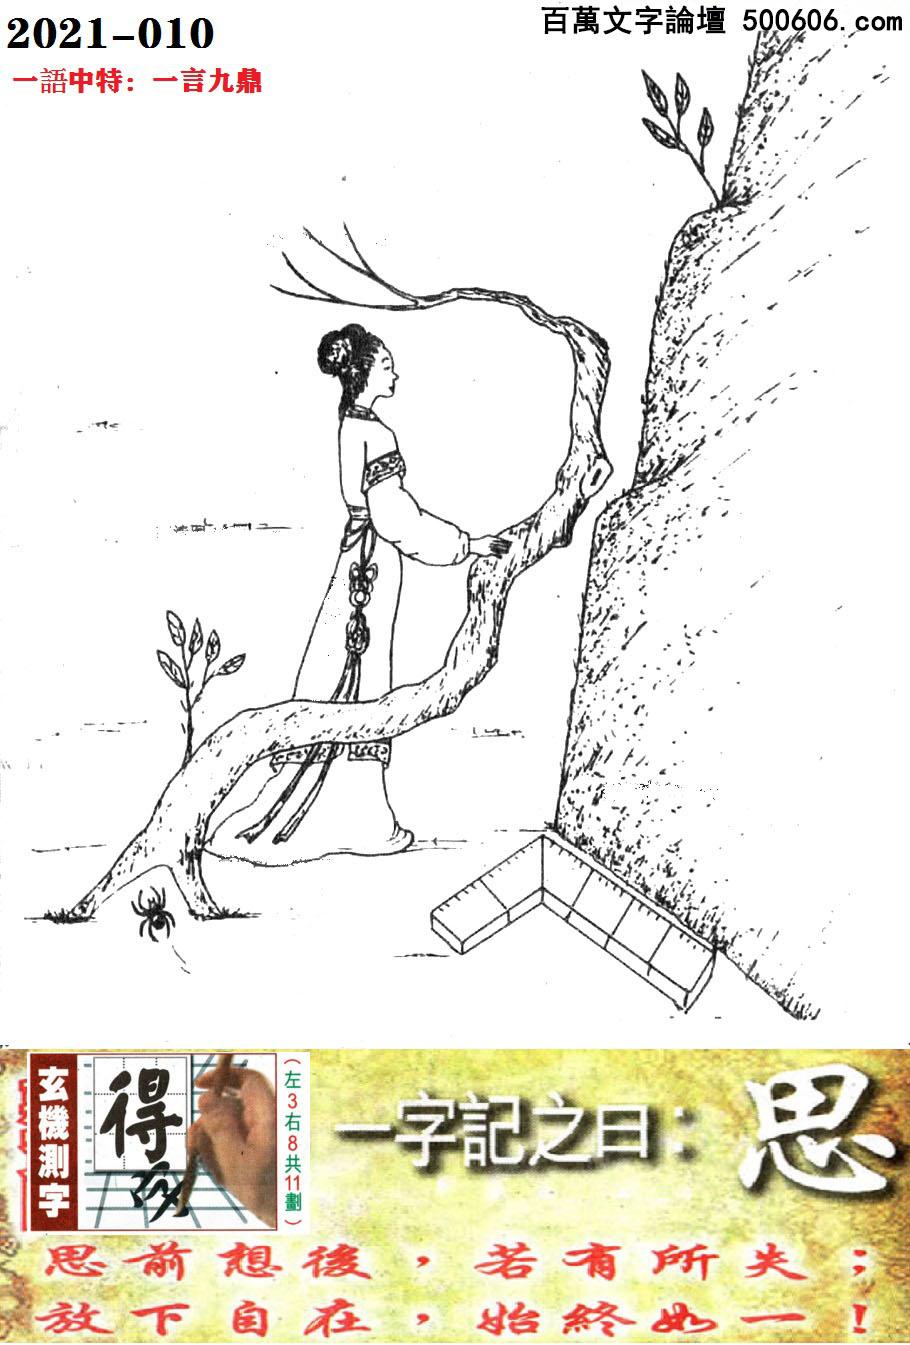 010期跑狗一字�之曰:【思】_思前想後,若有所失;_放下自在,始�K如一!